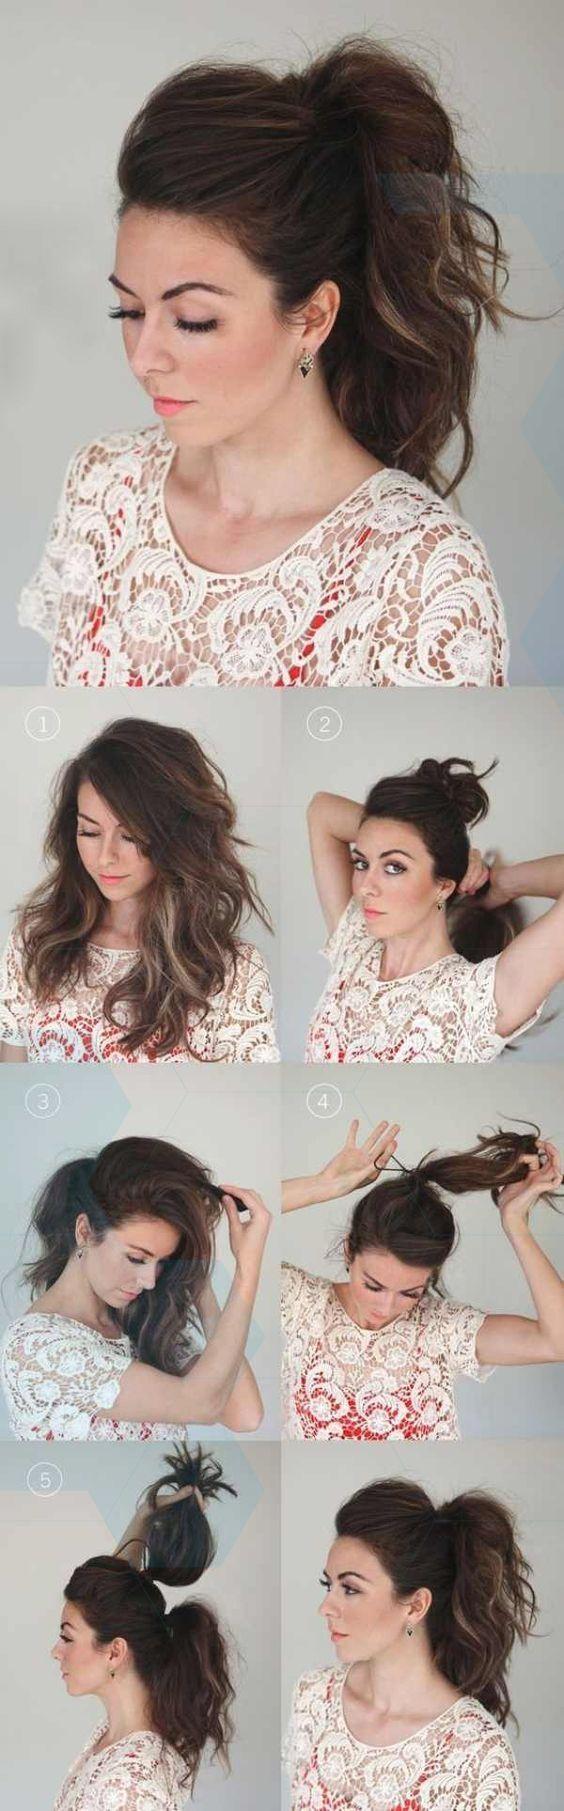 Unglaublich Erstaunlich Most of these hairstyles tutorials are very very easy to do. Suffice it, #stuff #erstaunlich #easy #fair …